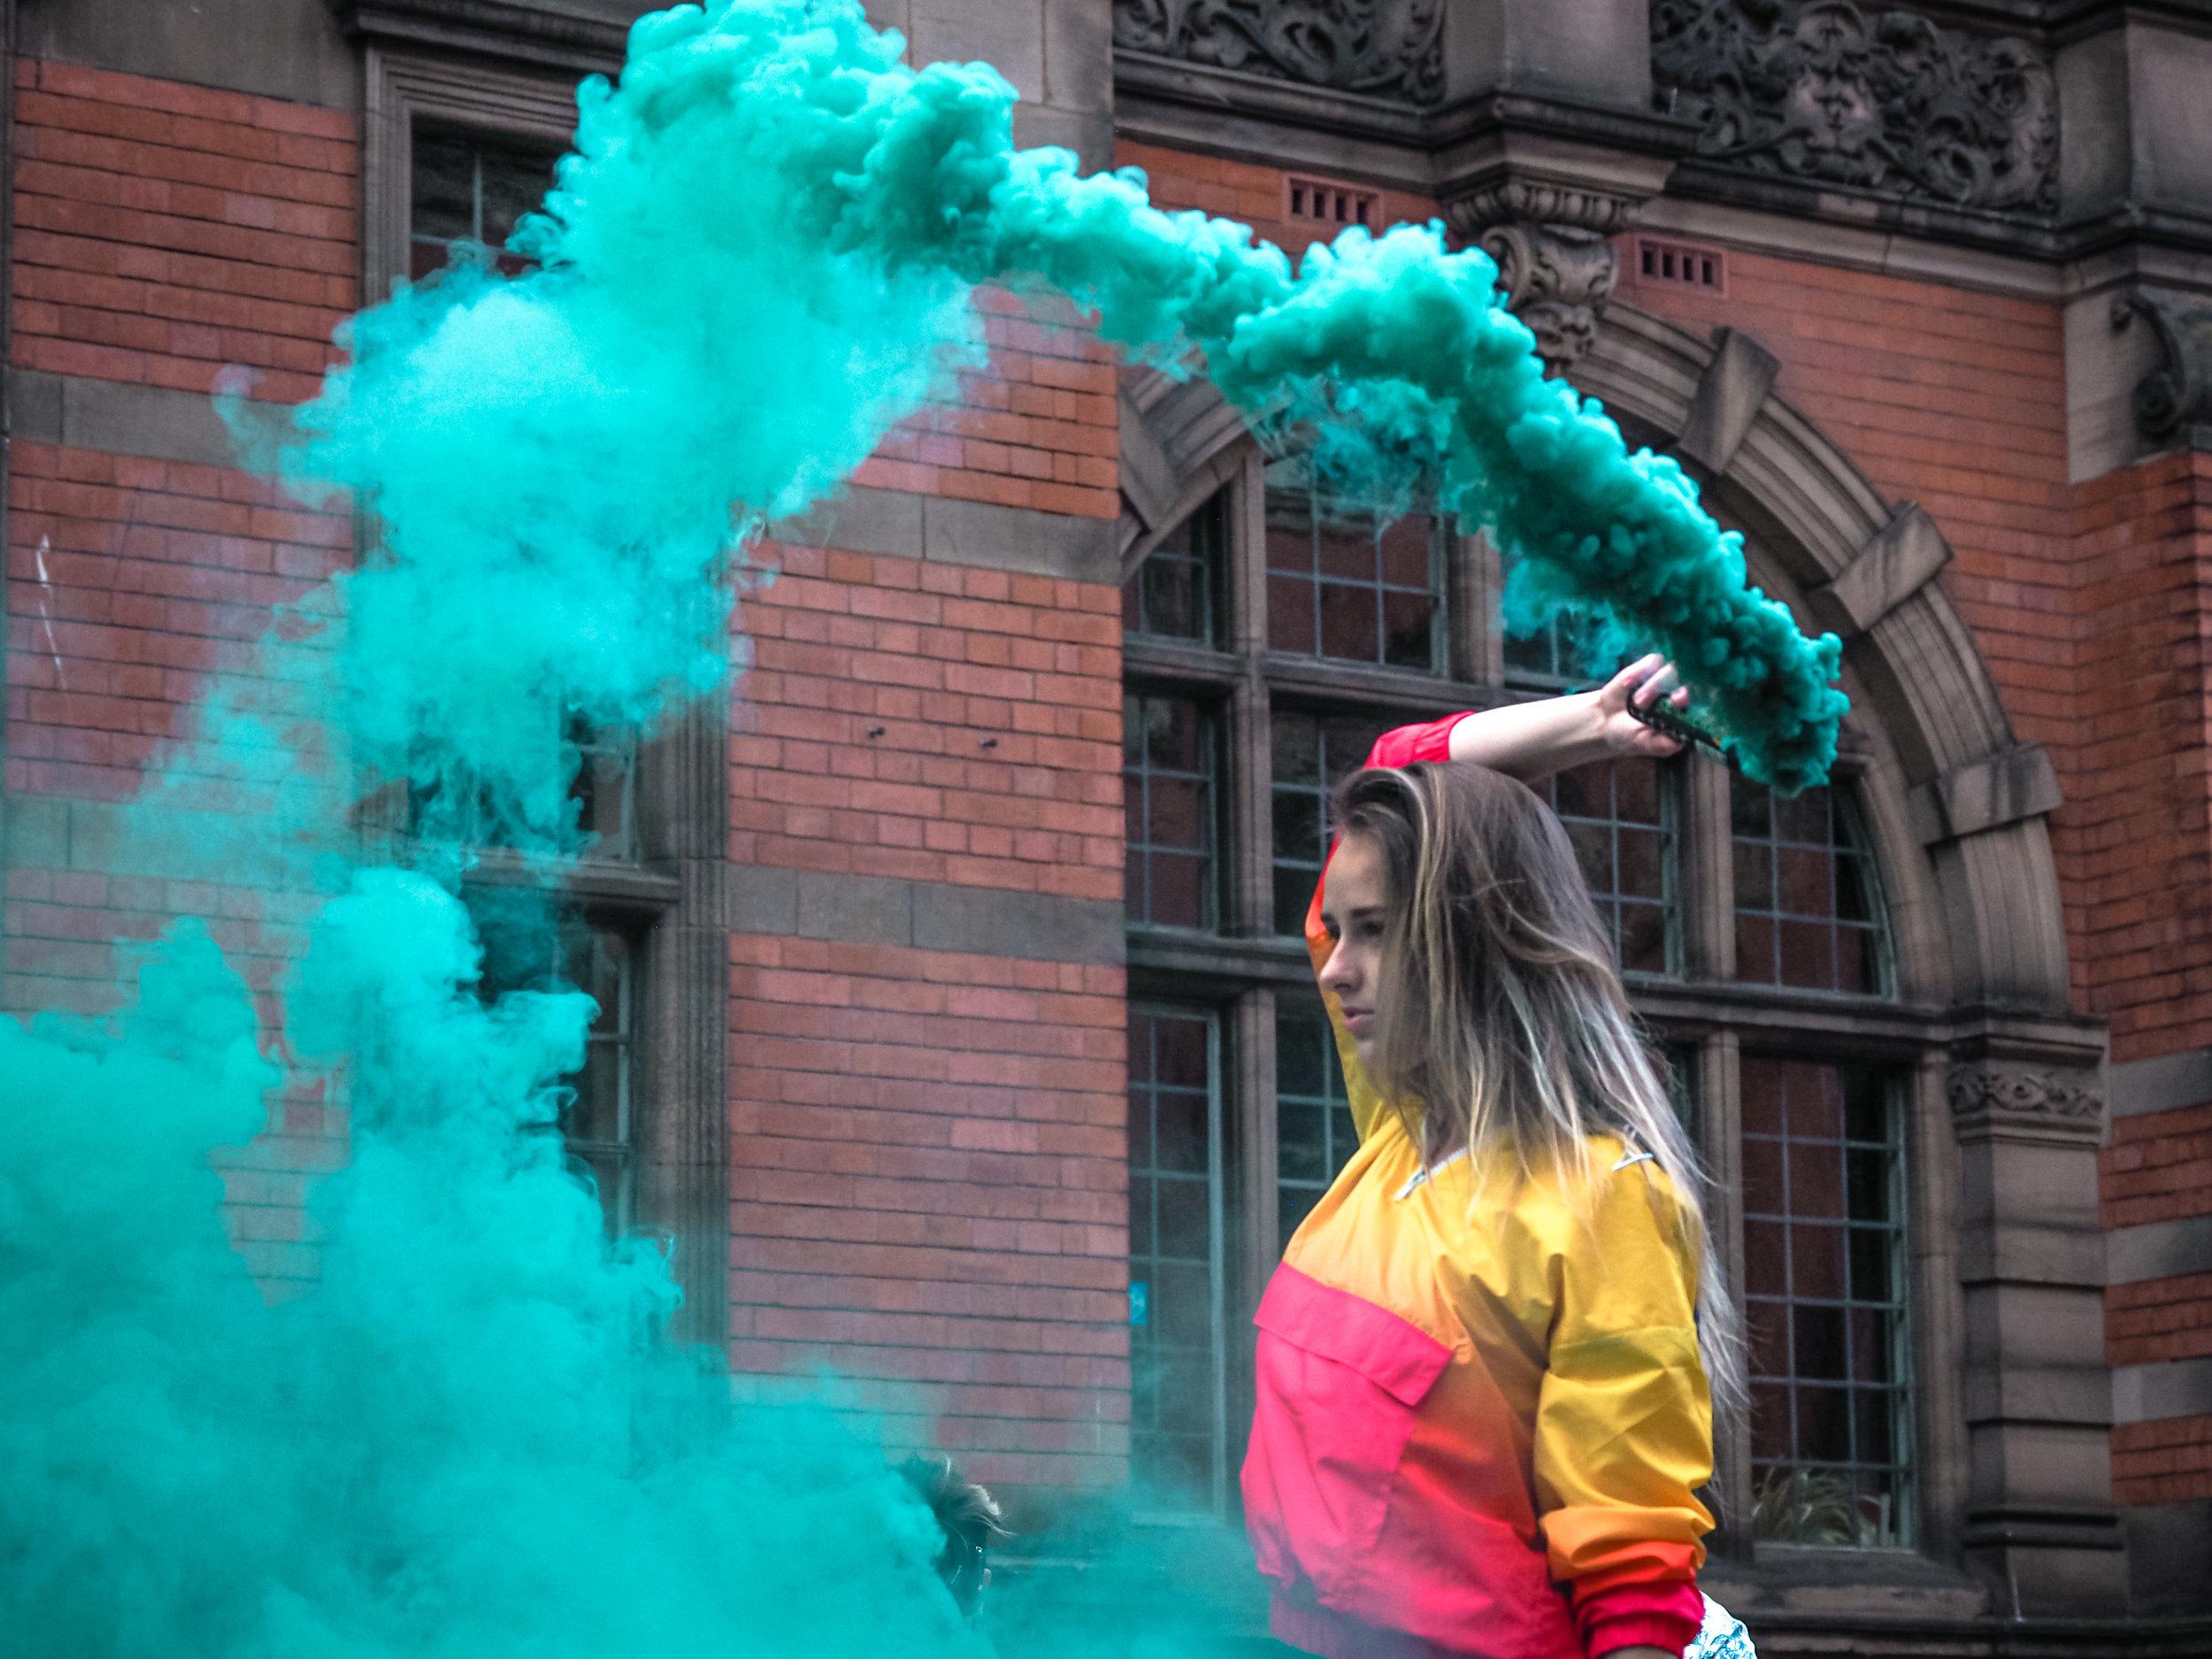 Margarita smoke whip